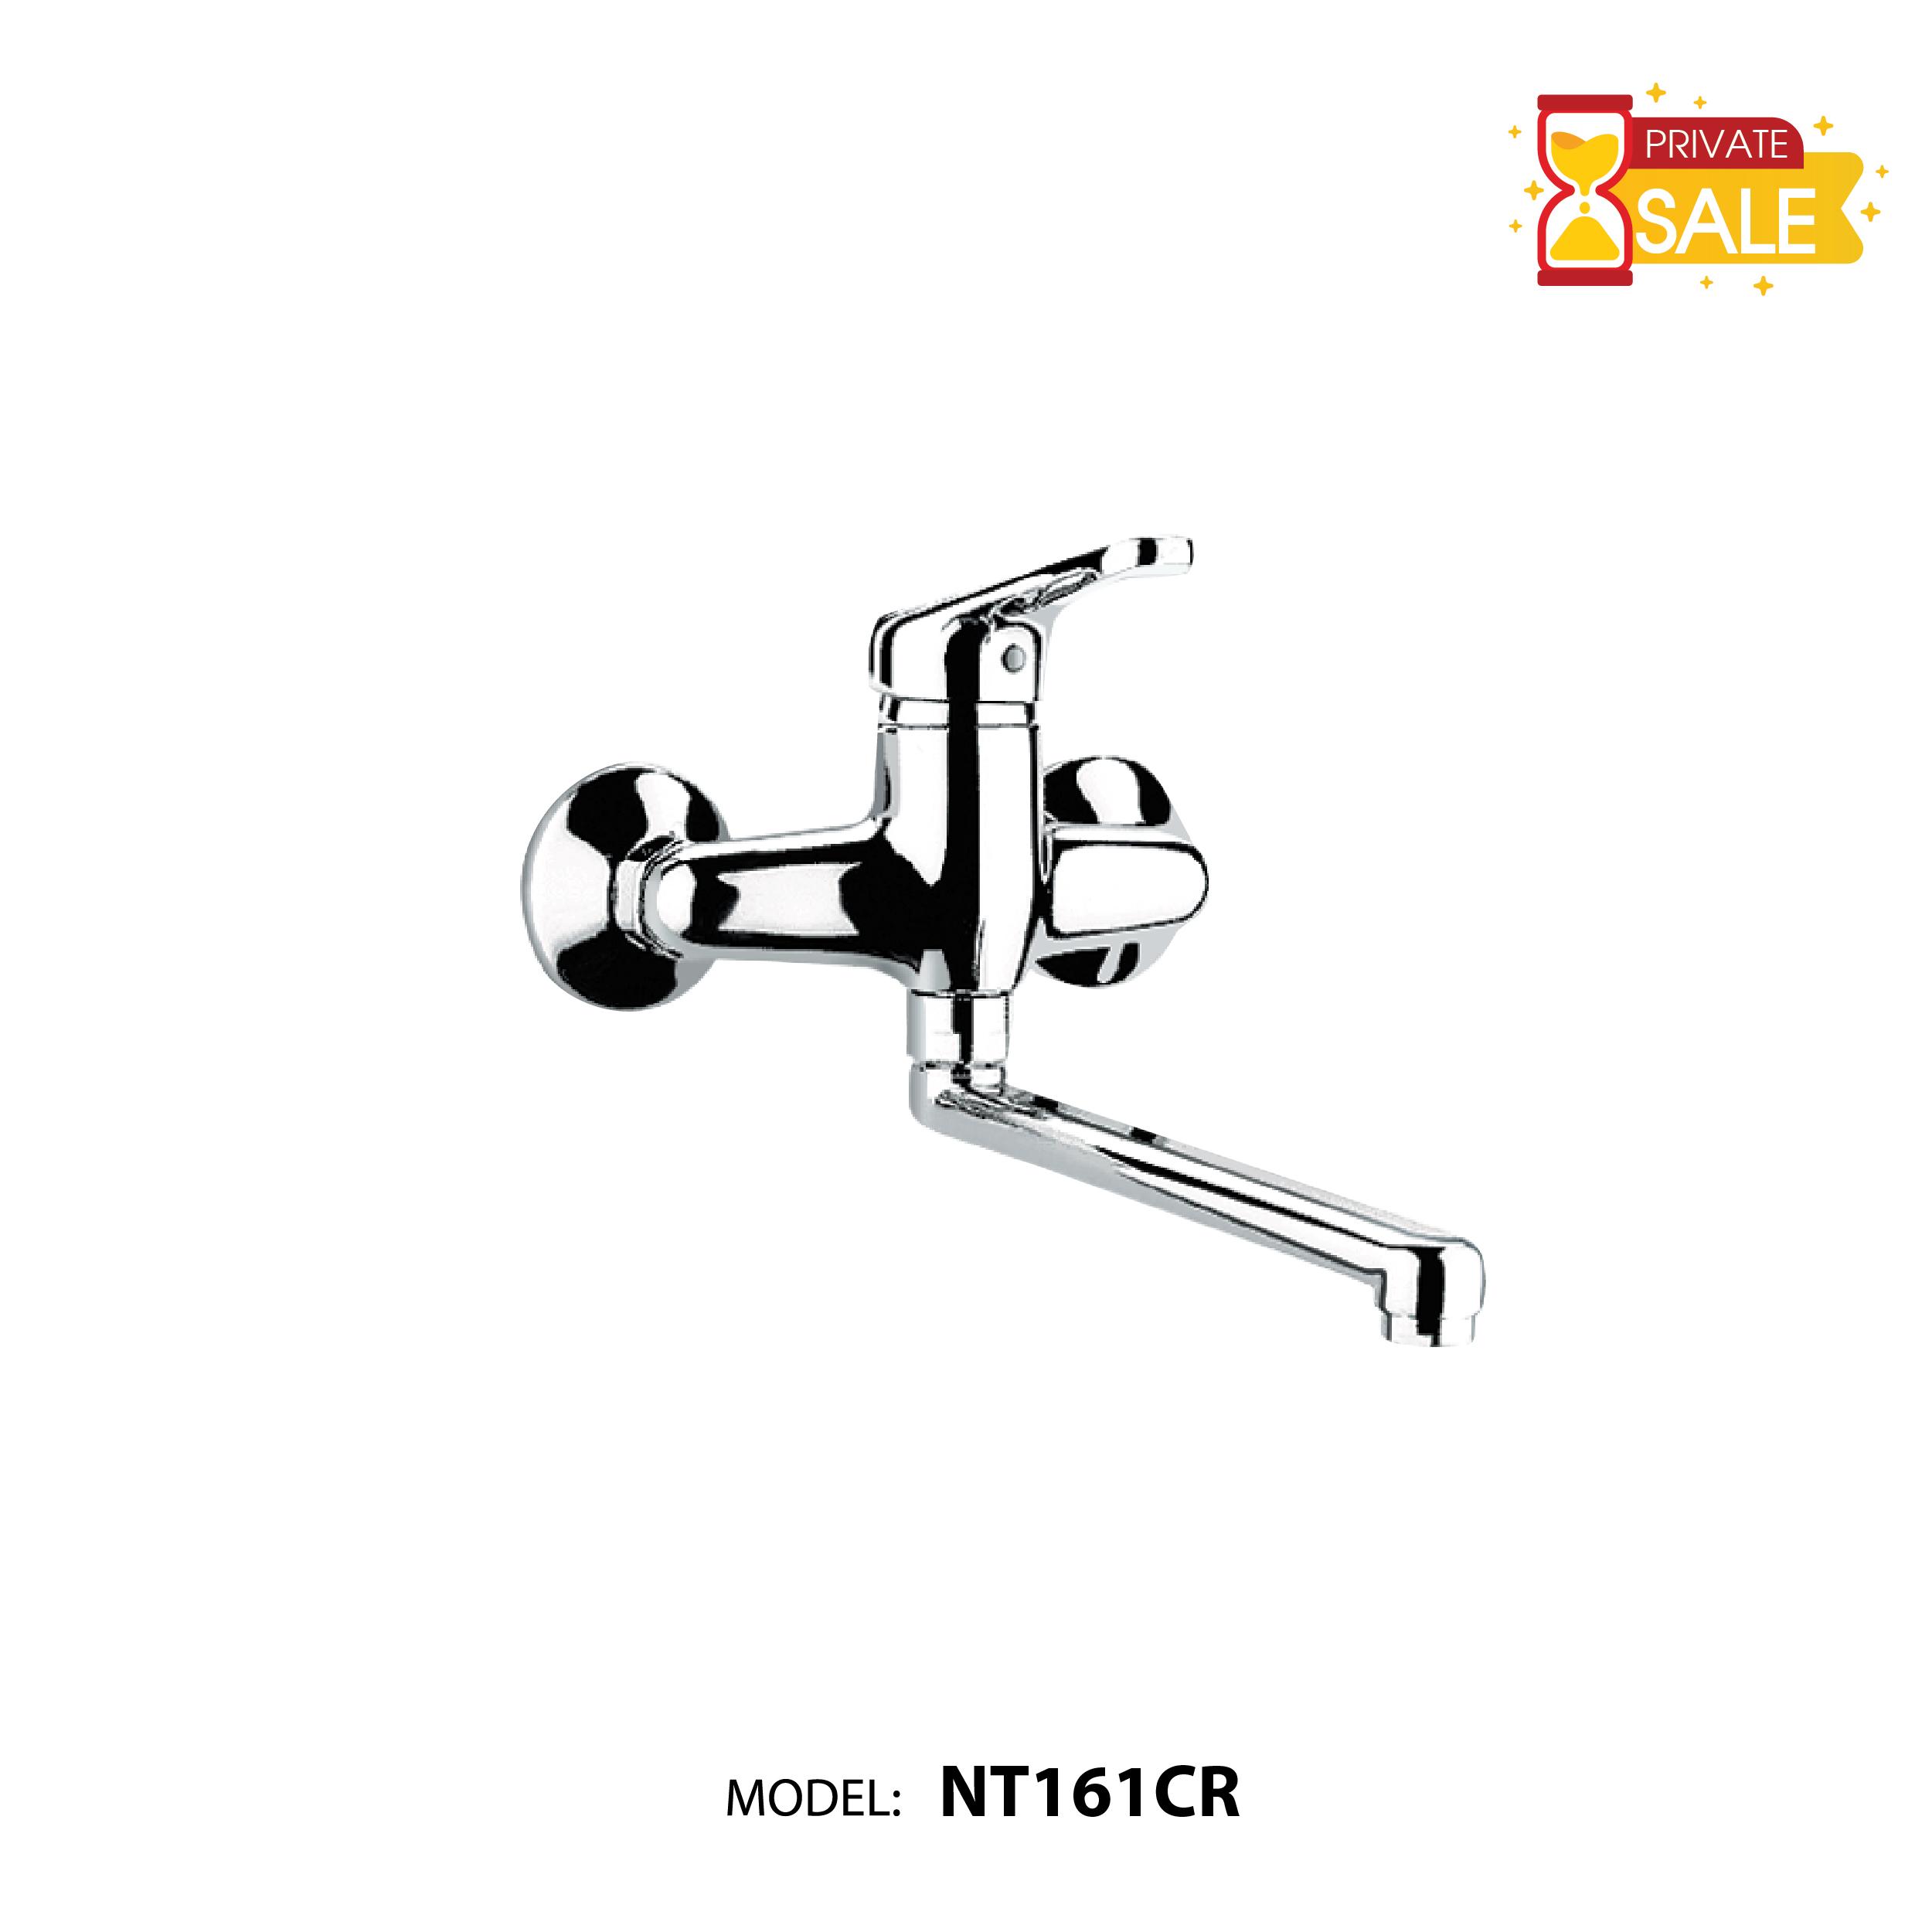 VÒI CHẬU NÓNG LẠNH PAFFONI DE161CR (Vòi lavabo model: DE161CR)